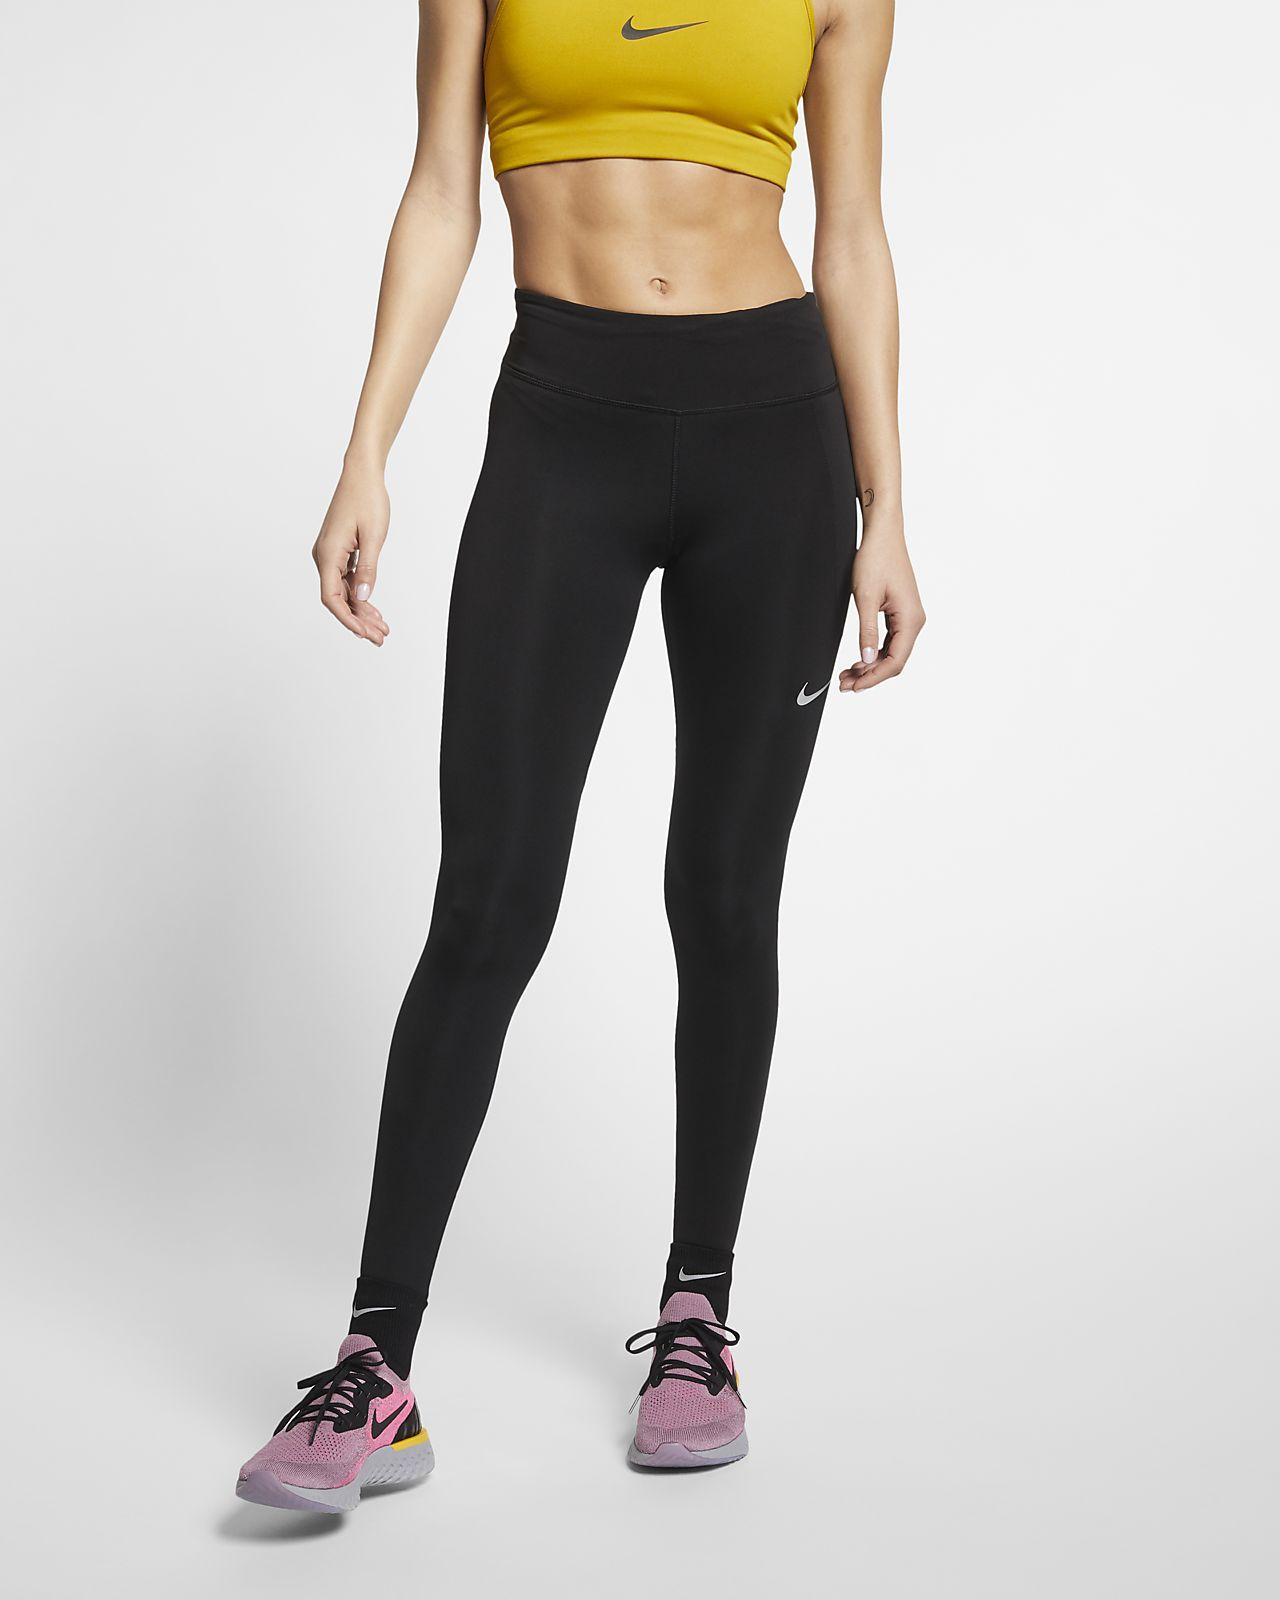 Dámské běžecké legíny Nike Fast